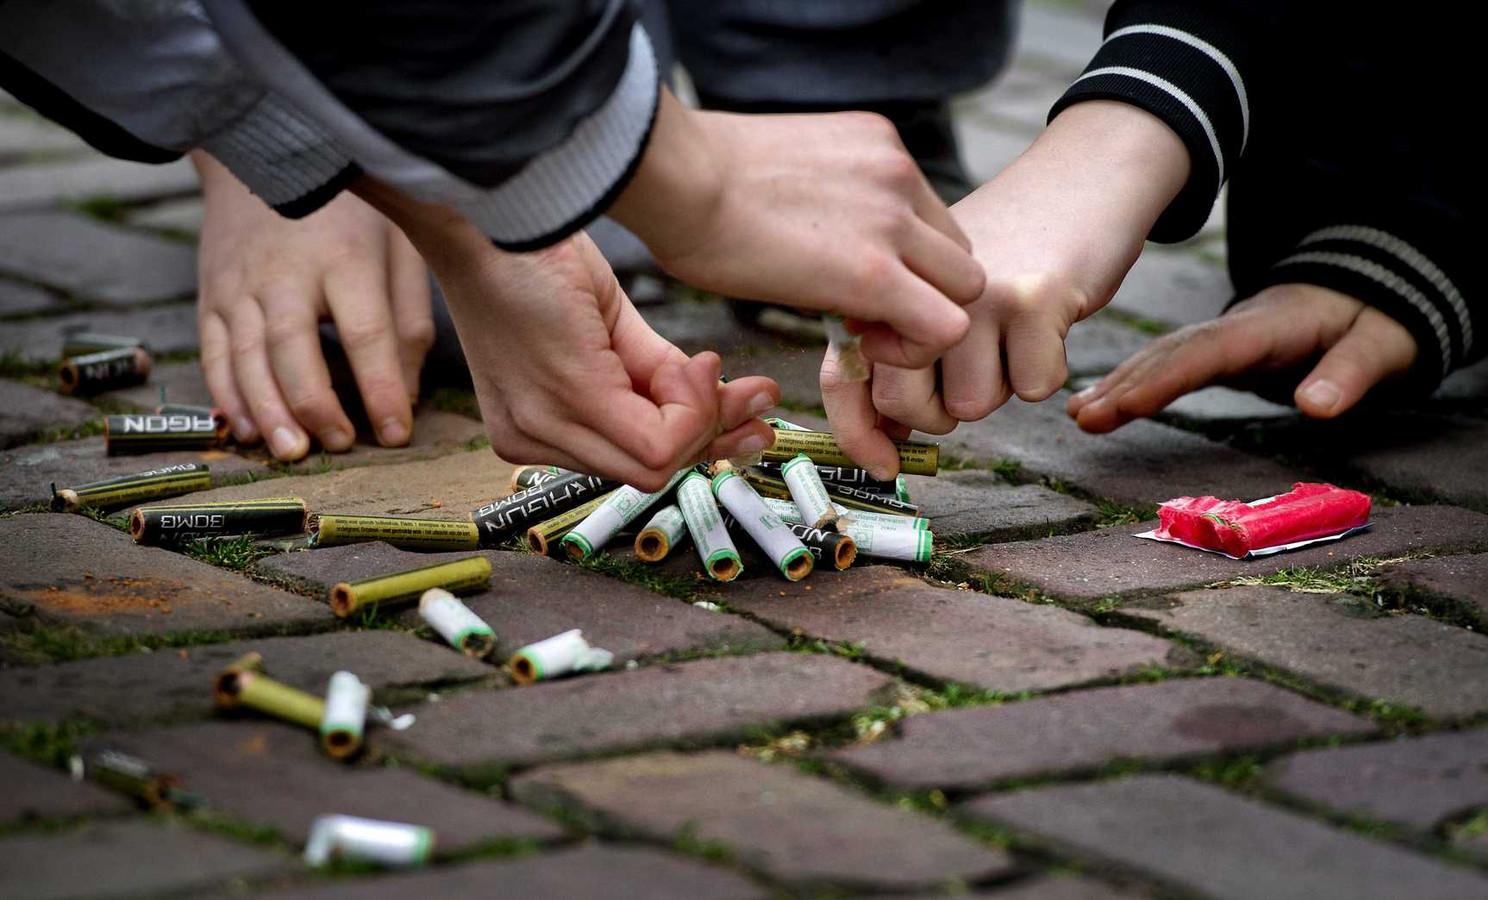 Vuurwerk op straat zorgt te vaak voor gewonden, vinden de Nederlandse arsten.